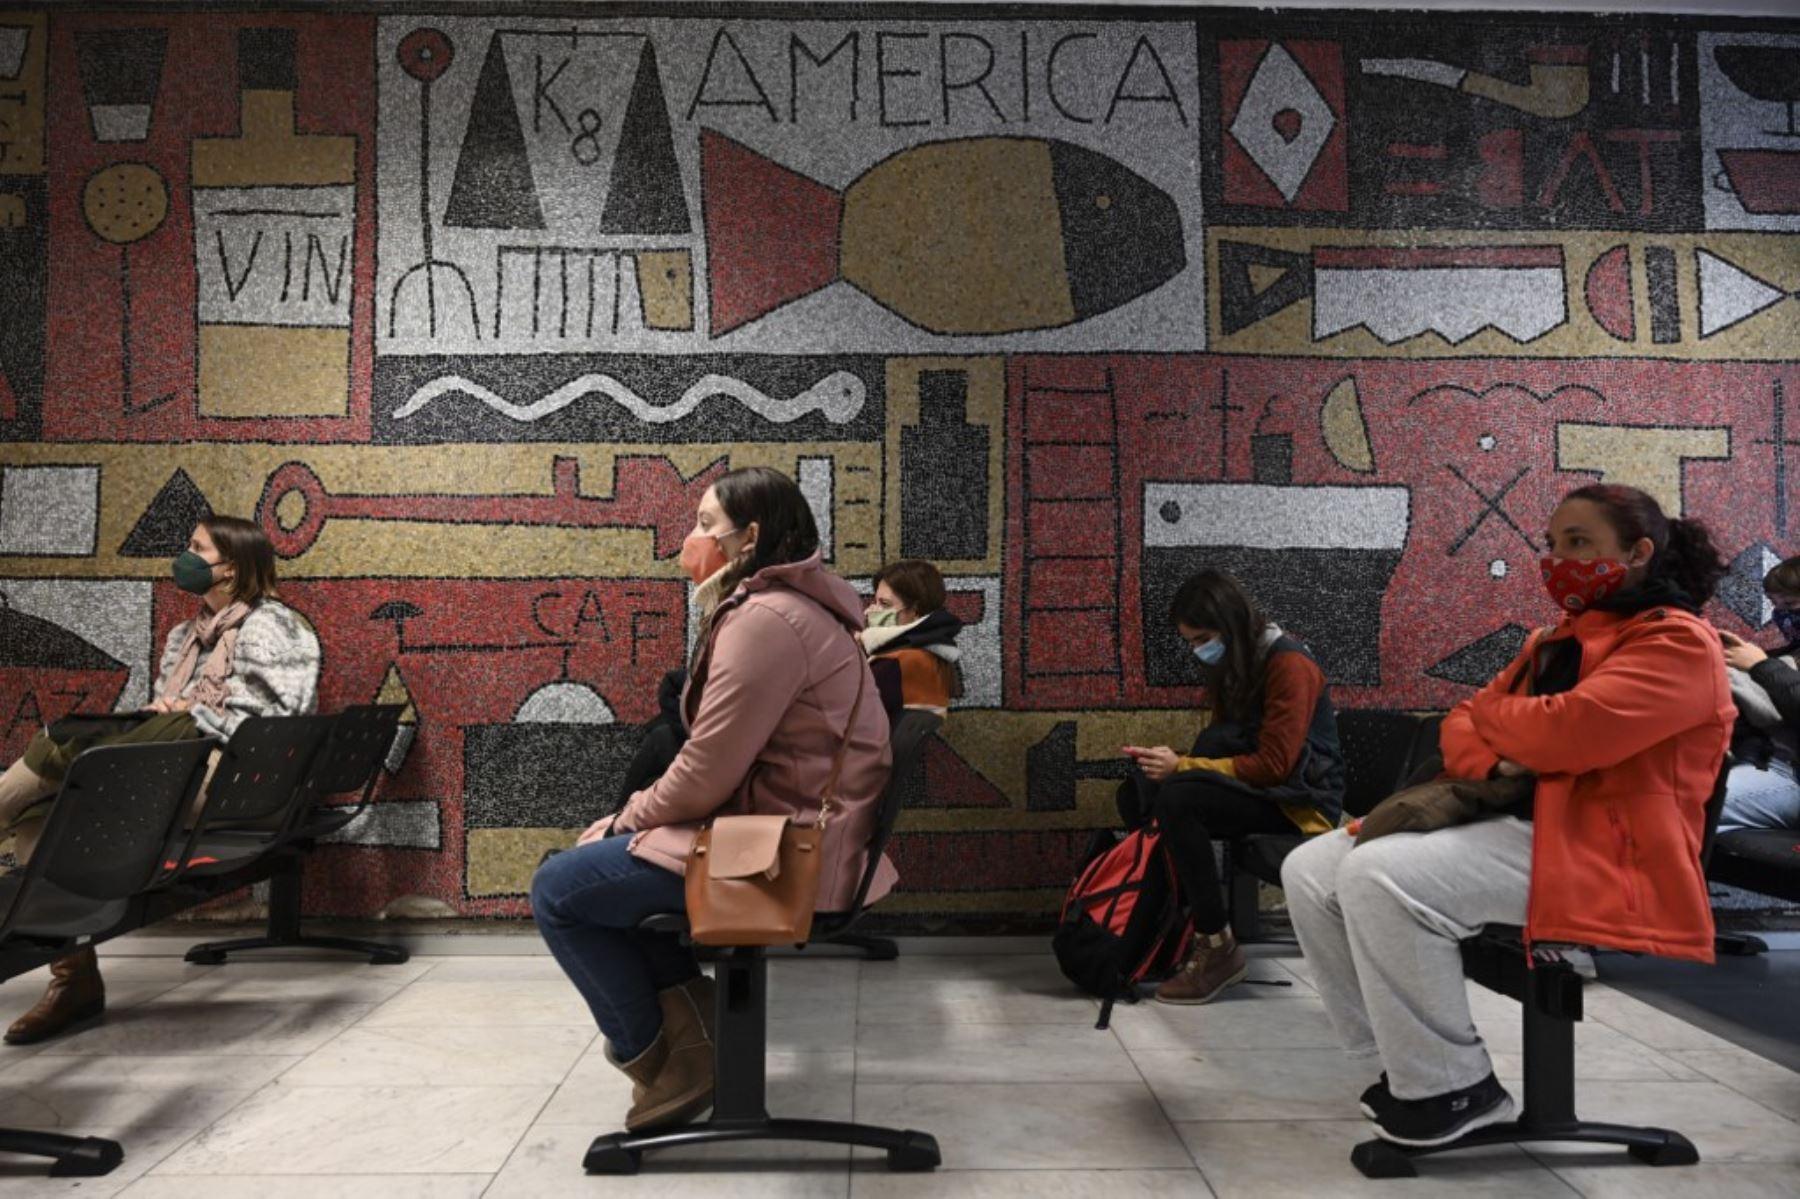 La gente espera recibir una dosis de la vacuna Pfizer-BioNtech COVID-19 en Montevideo, Uruguay. Foto: AFP